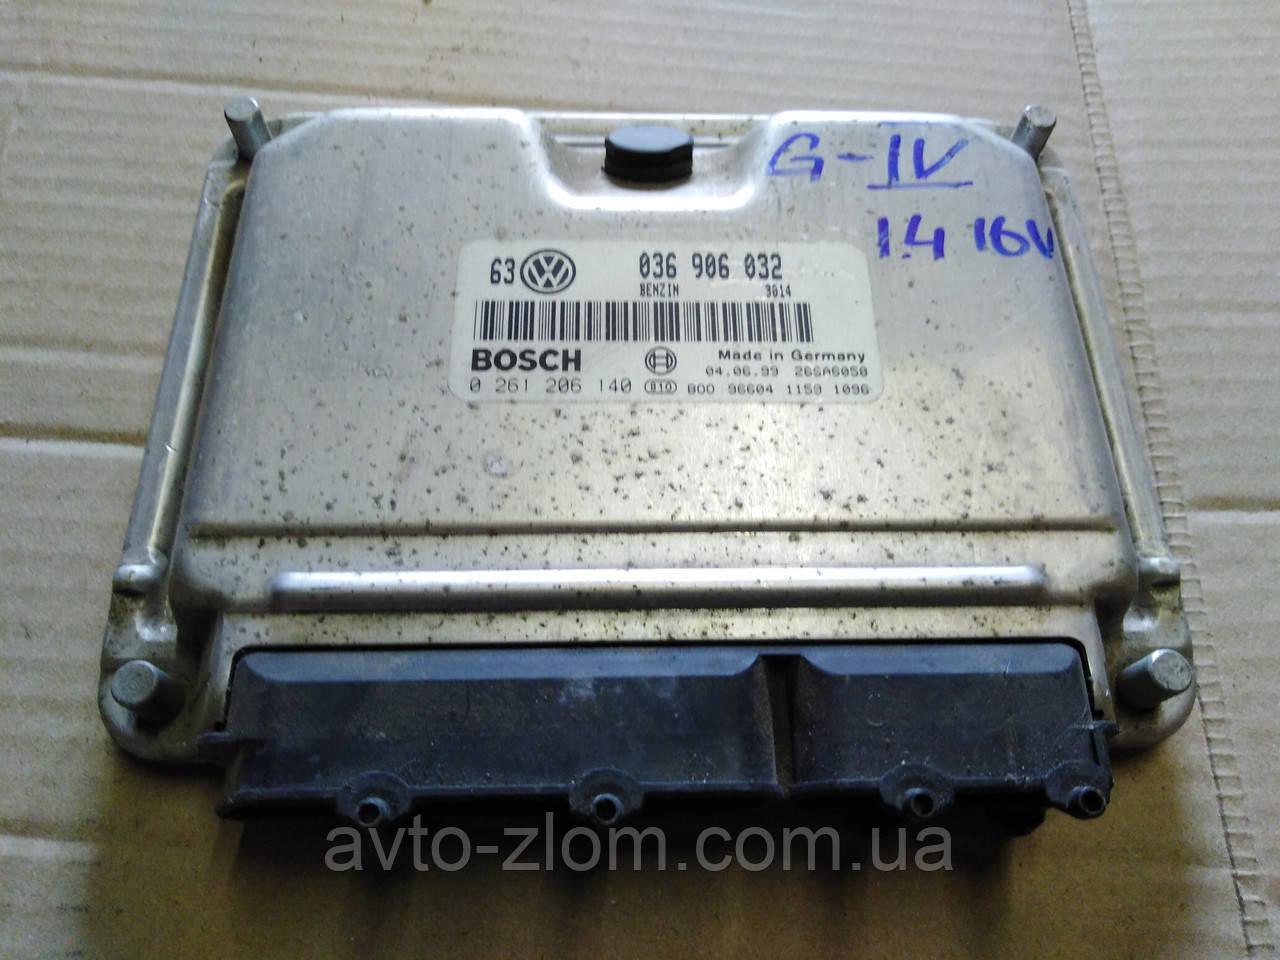 Блок управления двигателем Volkswagen Golf 4, Гольф 4 1,4 16V. 036906032, 0261206140.